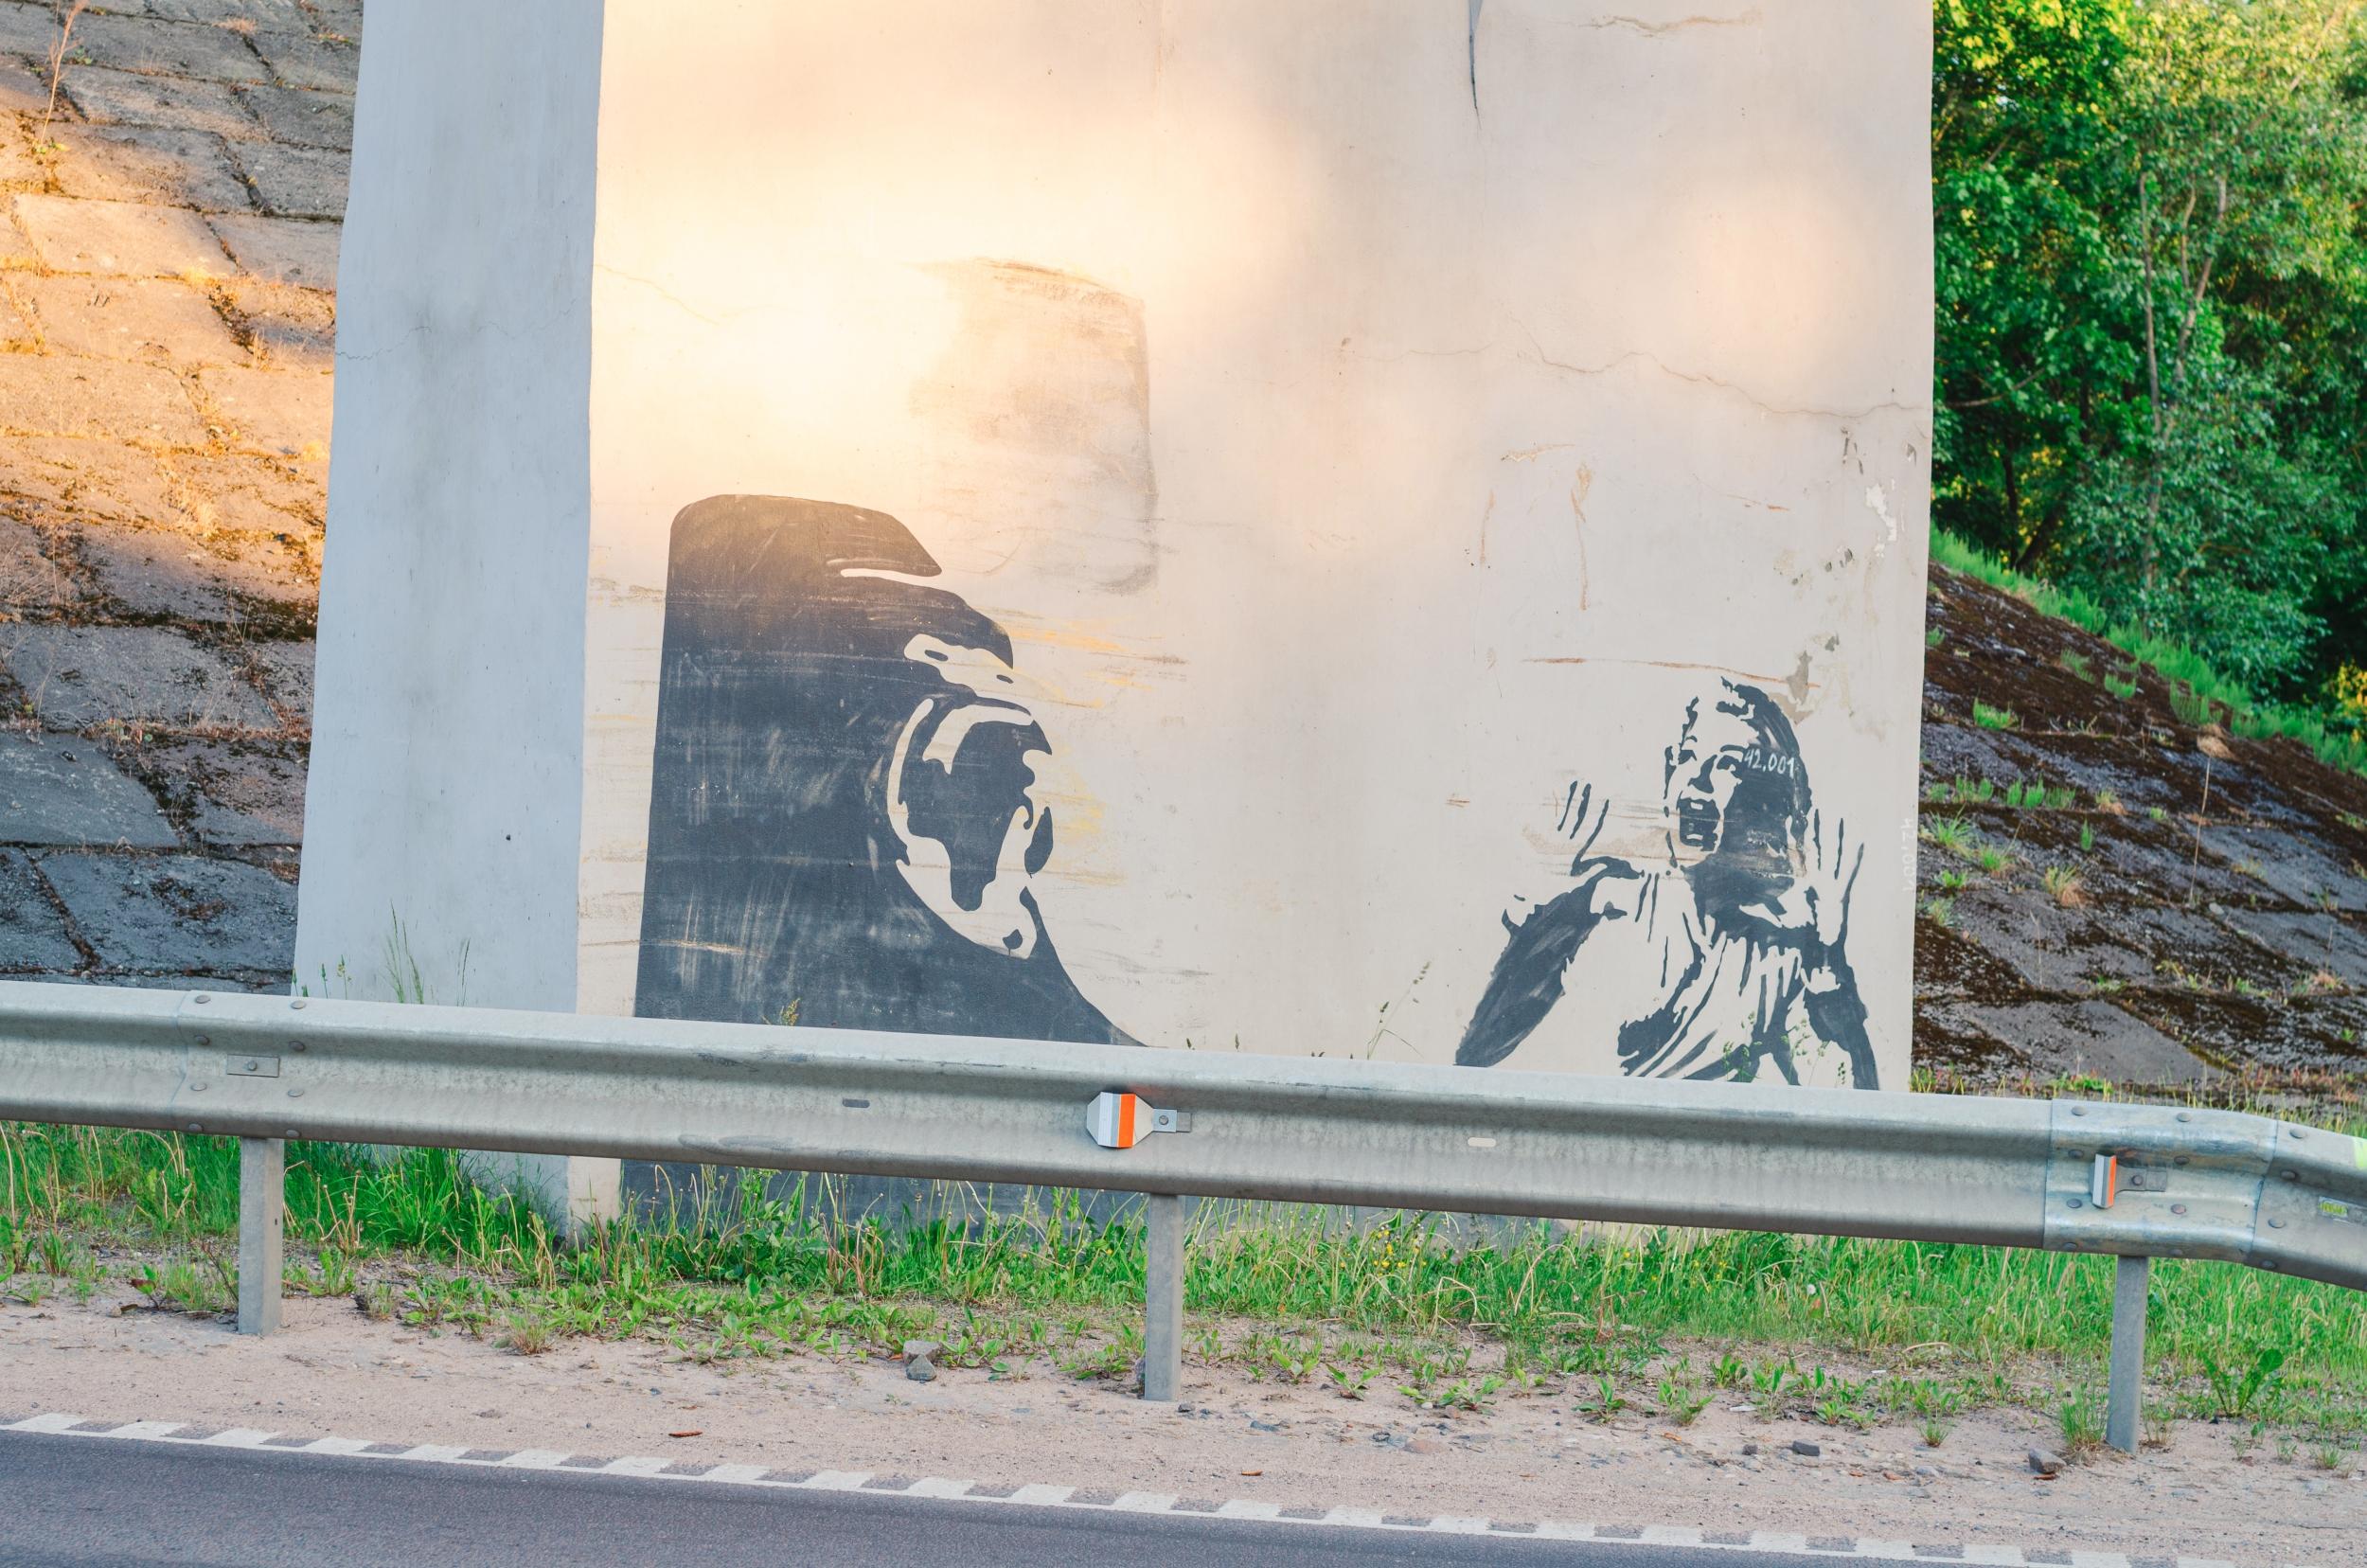 Gatvės menas Kaune I - Vilmantas Ramonas